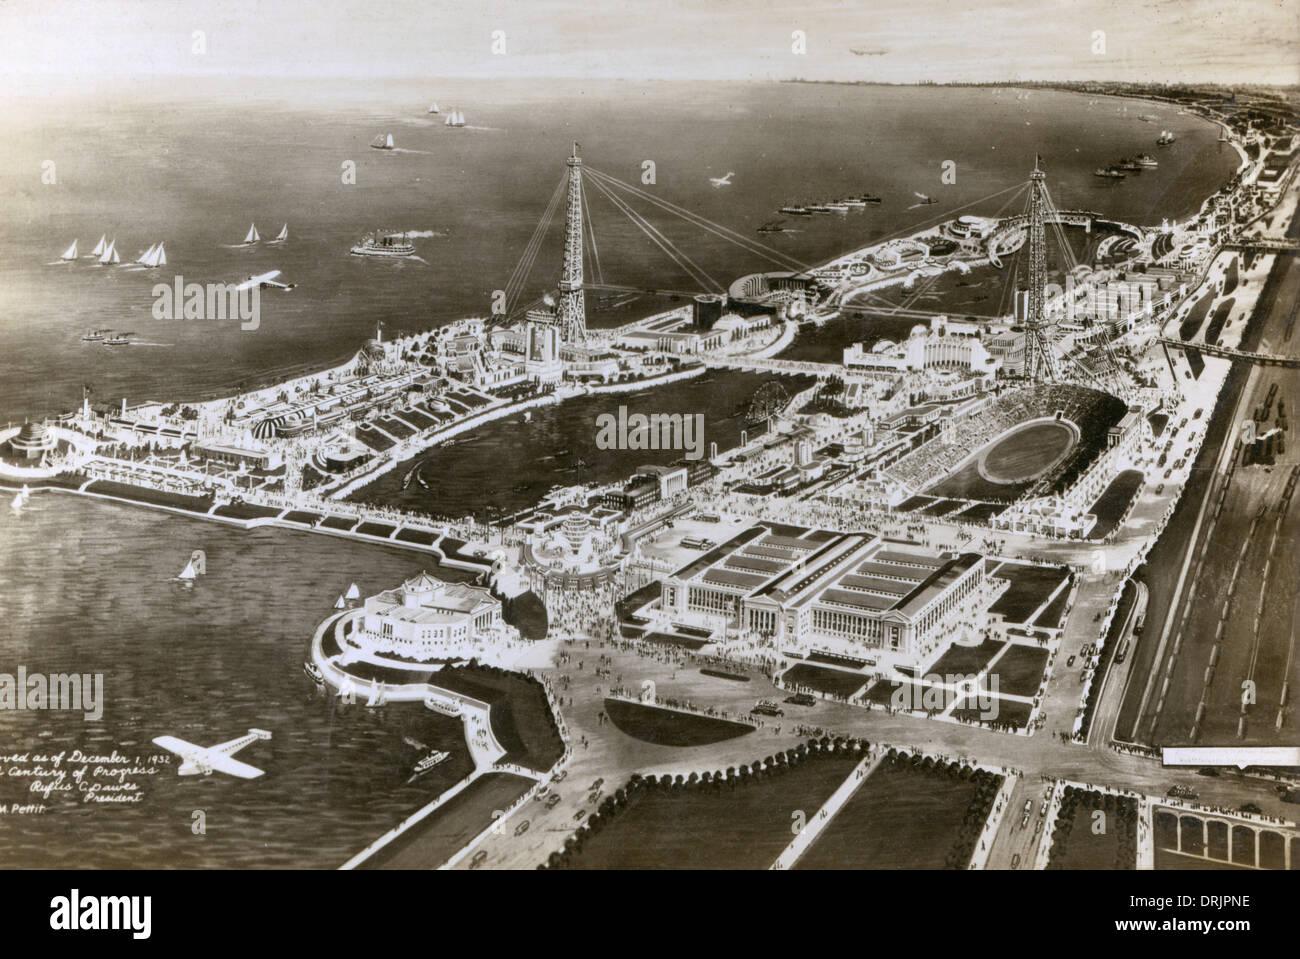 Impression d'artistes, vue aérienne de la Foire mondiale de Chicago Photo Stock